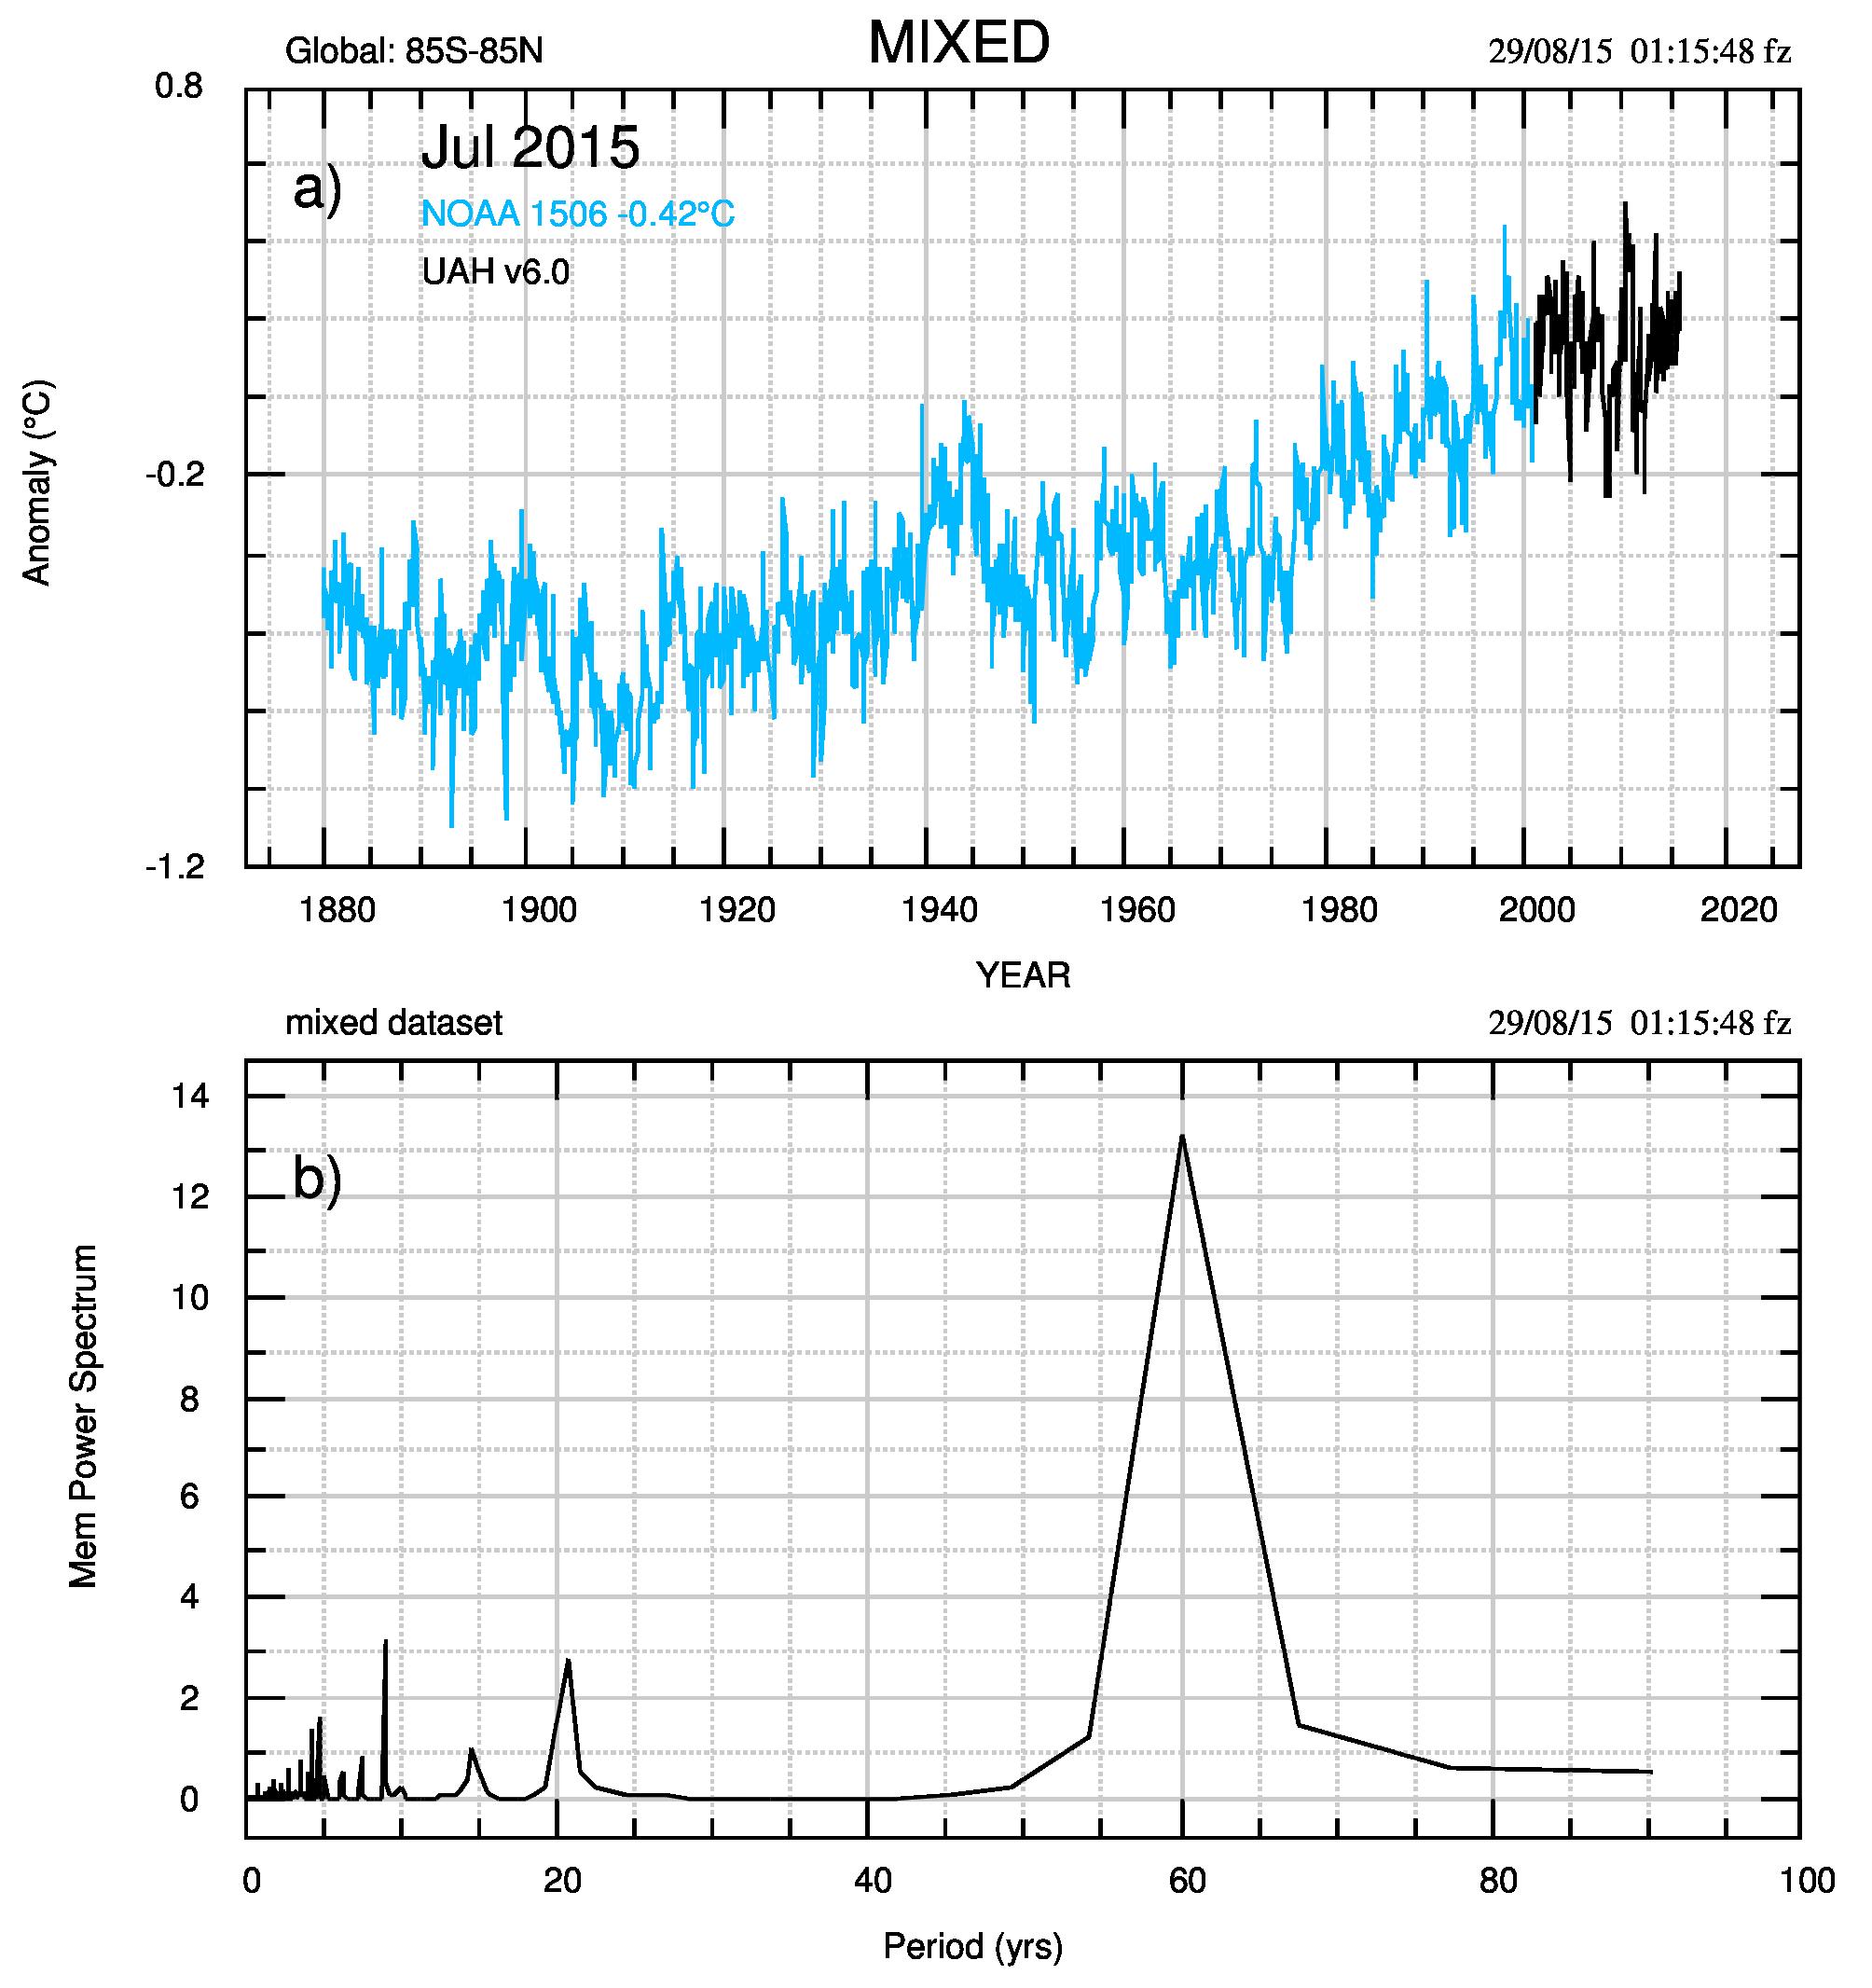 Fig.3. a) Dataset composito, indicato come MIXED: NOAA (azzurro) dal gennaio 1860 al dicembre 2000 e UAH6 (nero) da gennaio 2001 a luglio 2015. b) Spettro MEM di MIXED.